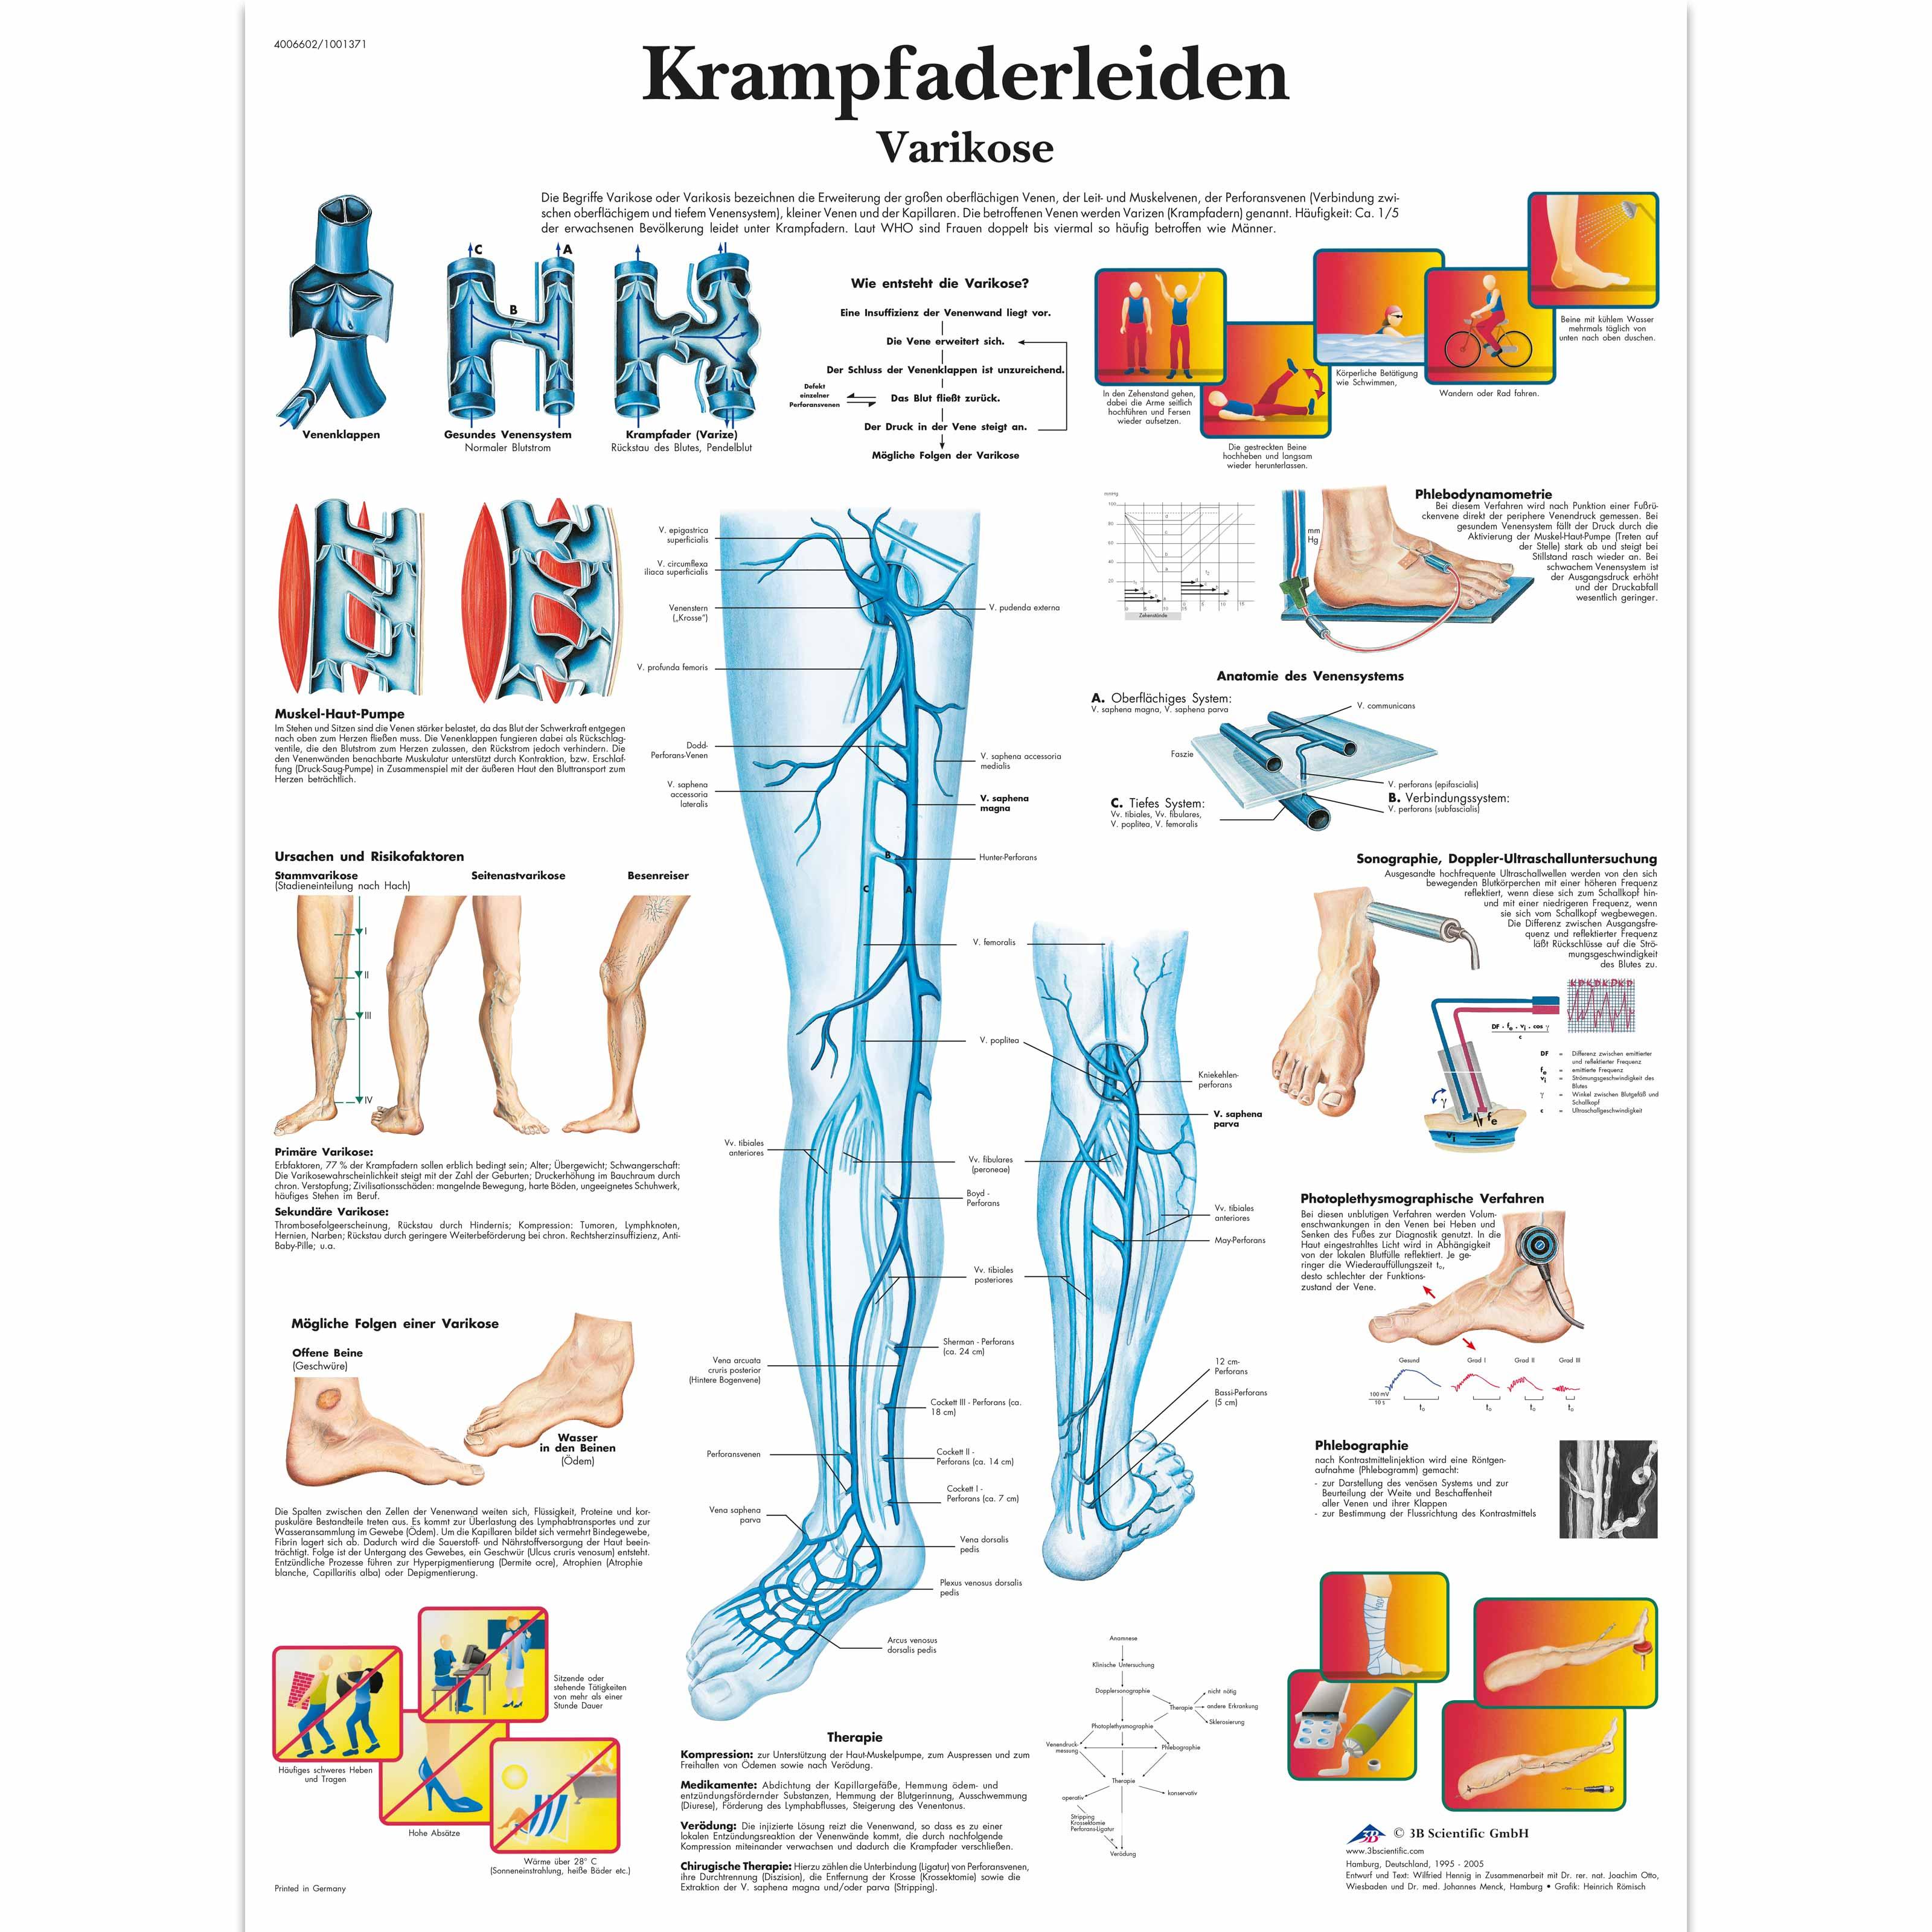 Krampfaderleiden, Varikose - 4006602 - VR0367UU - Cardiovascular ...